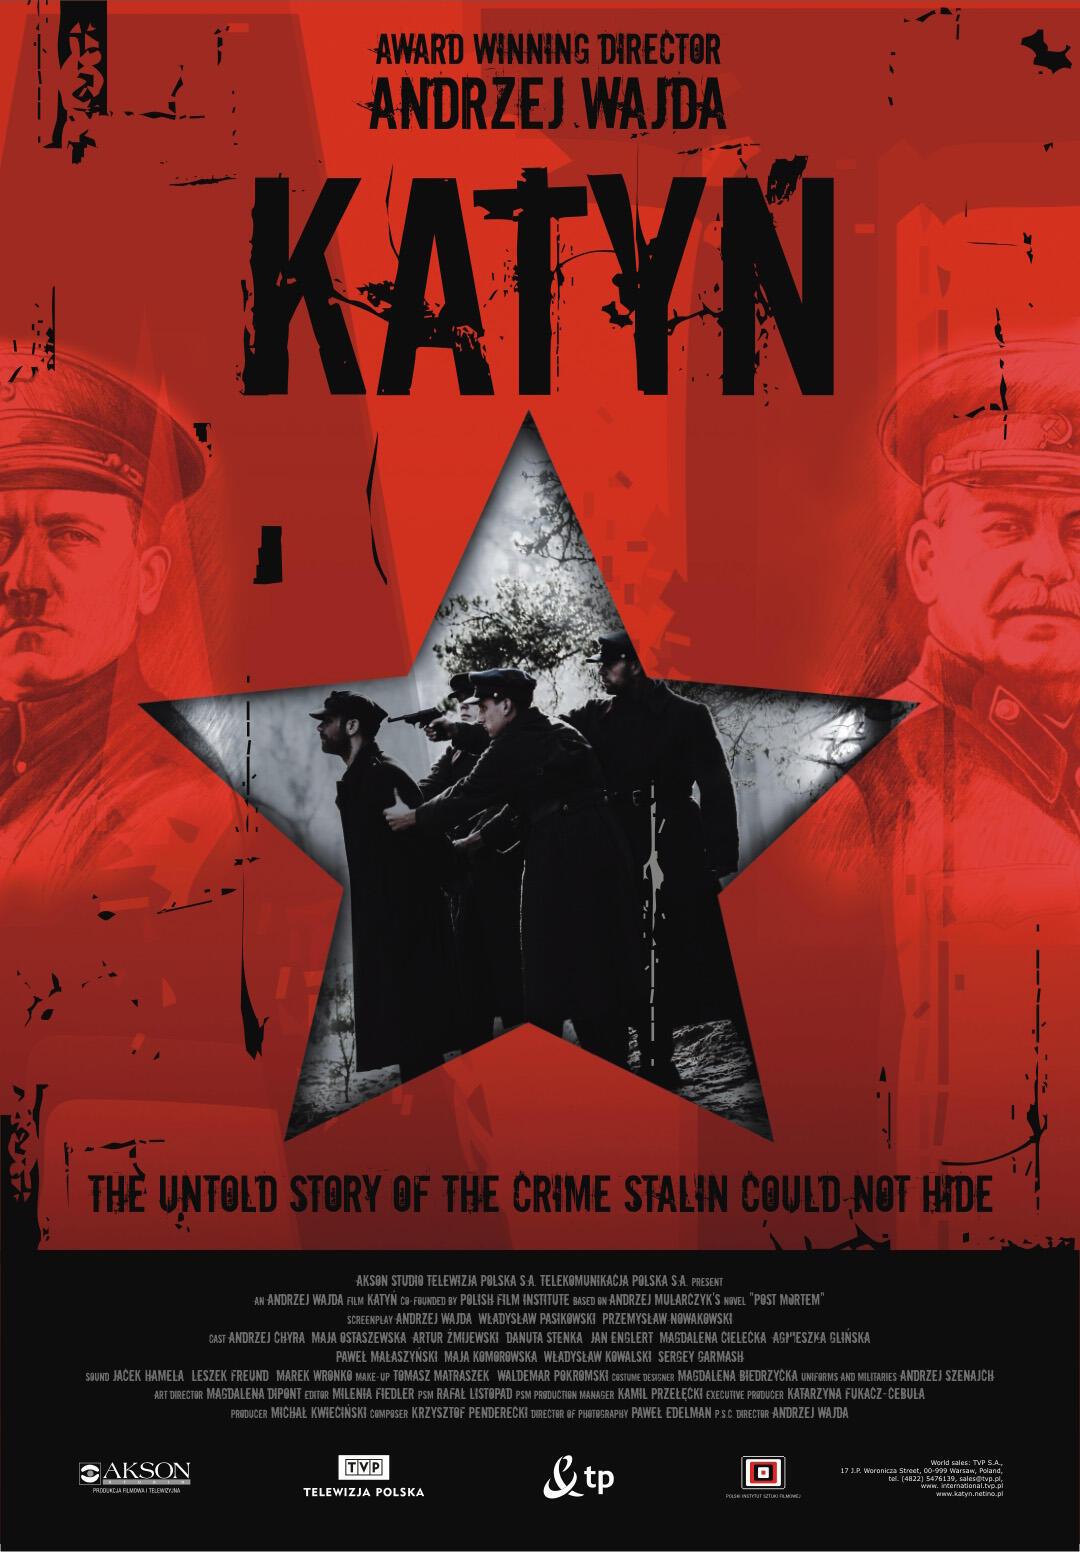 Фильм Анджея Вайды «Катынь» (2007) был впервые показан по российскому ТВ 2 апреля 2010.